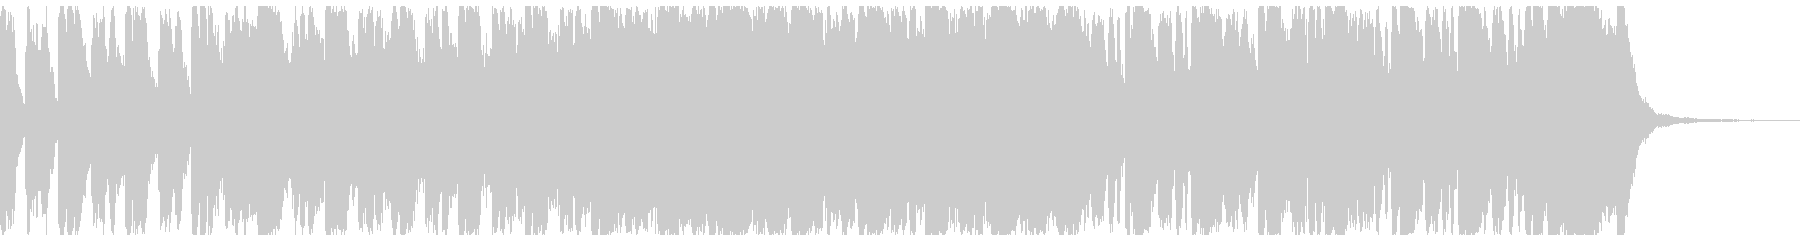 明るい行進曲風オーケストラ約55秒Verの未再生の波形